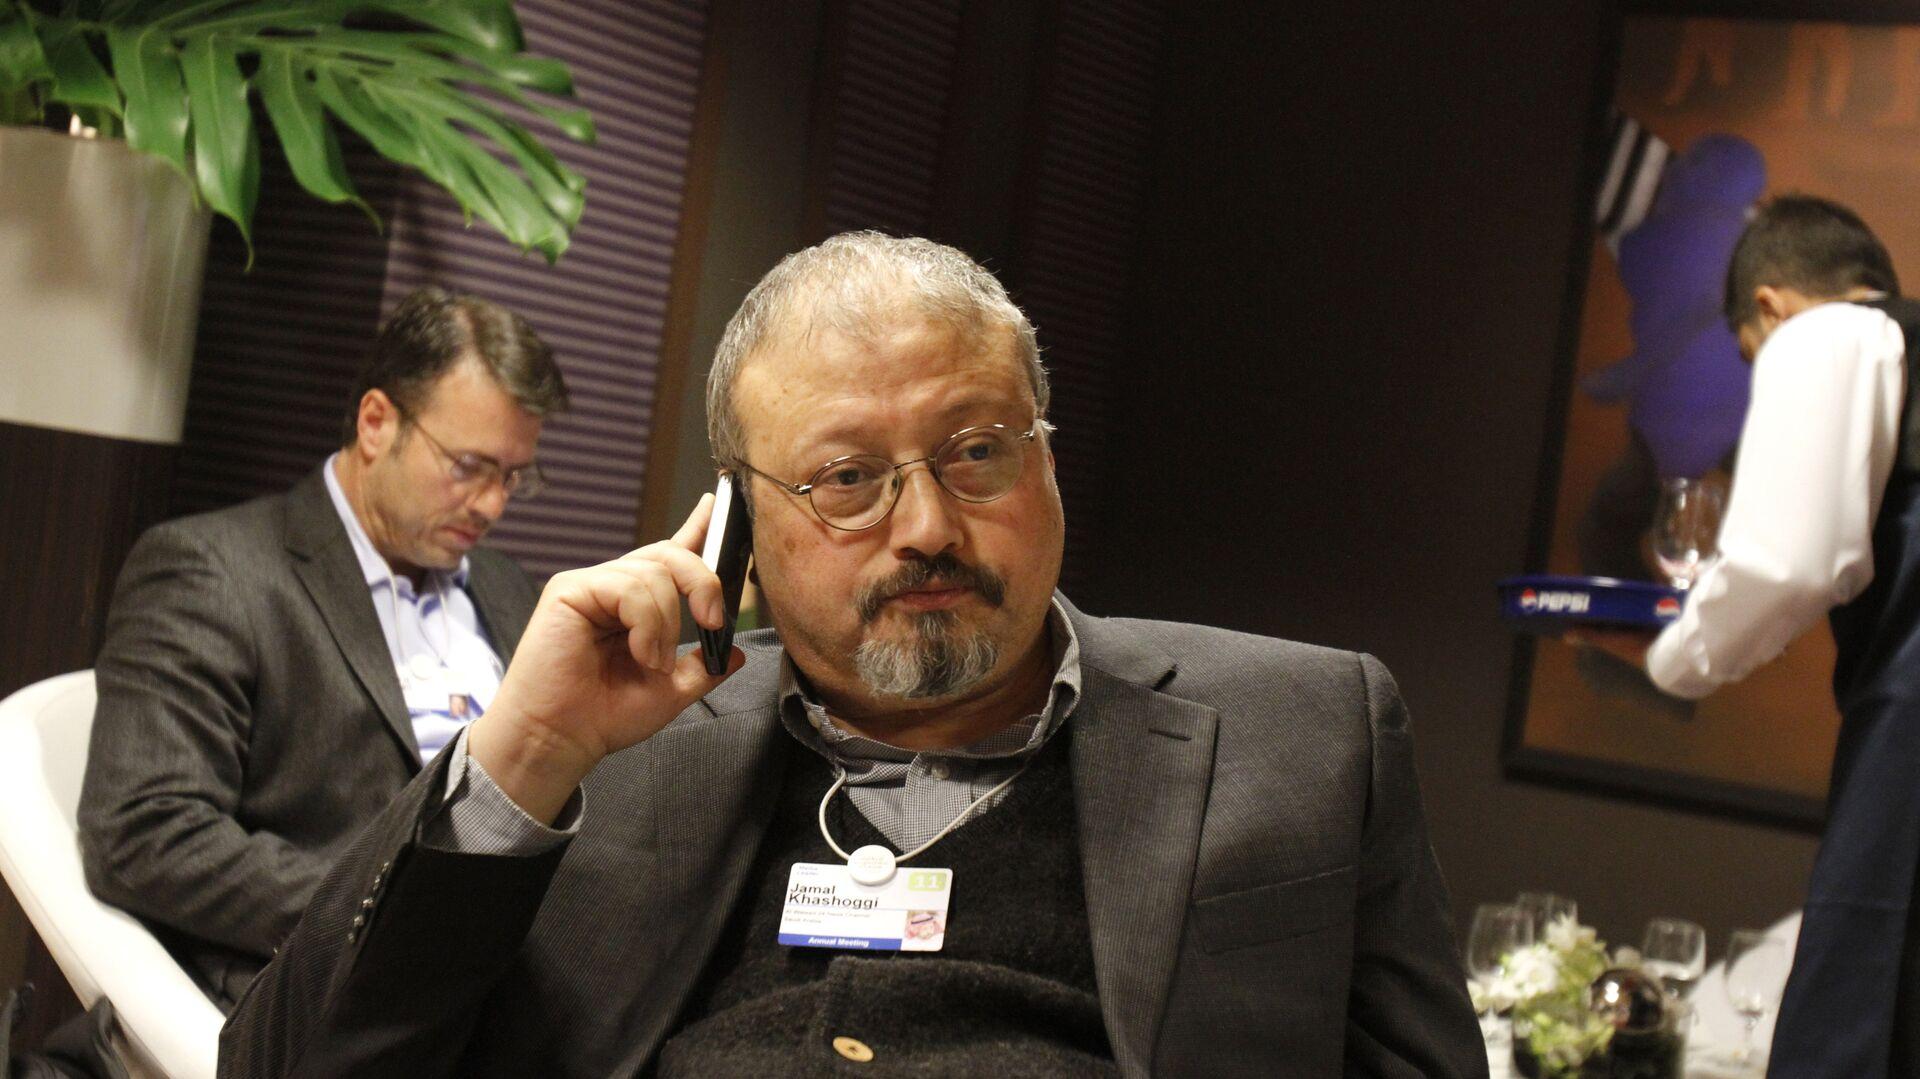 Саудовский журналист Джамаль Хашукджи  - РИА Новости, 1920, 17.12.2018